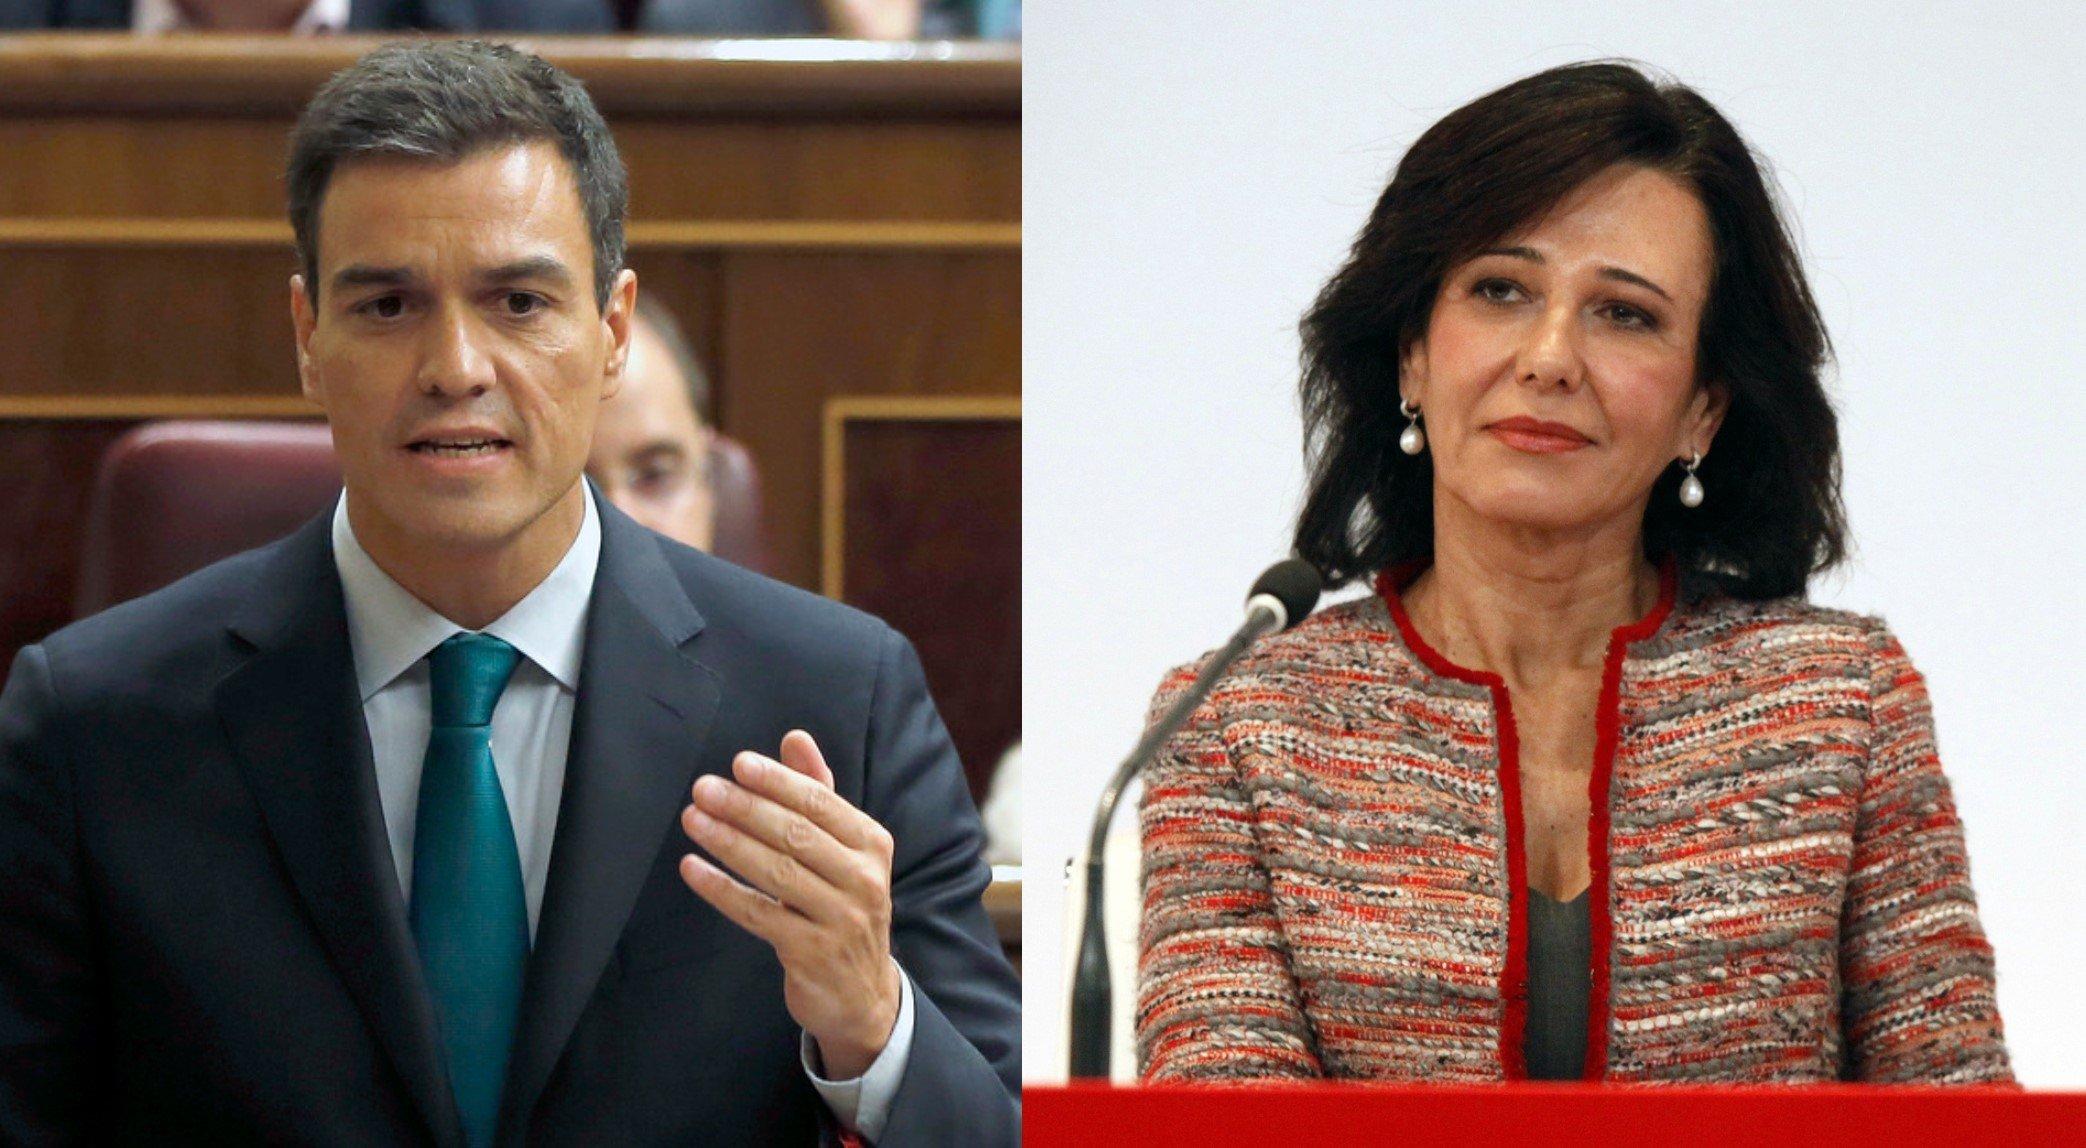 Pedro Sánchez y Ana Botín. El Gobierno socialista no revisará la intervención del Banco Popular por la JUR.